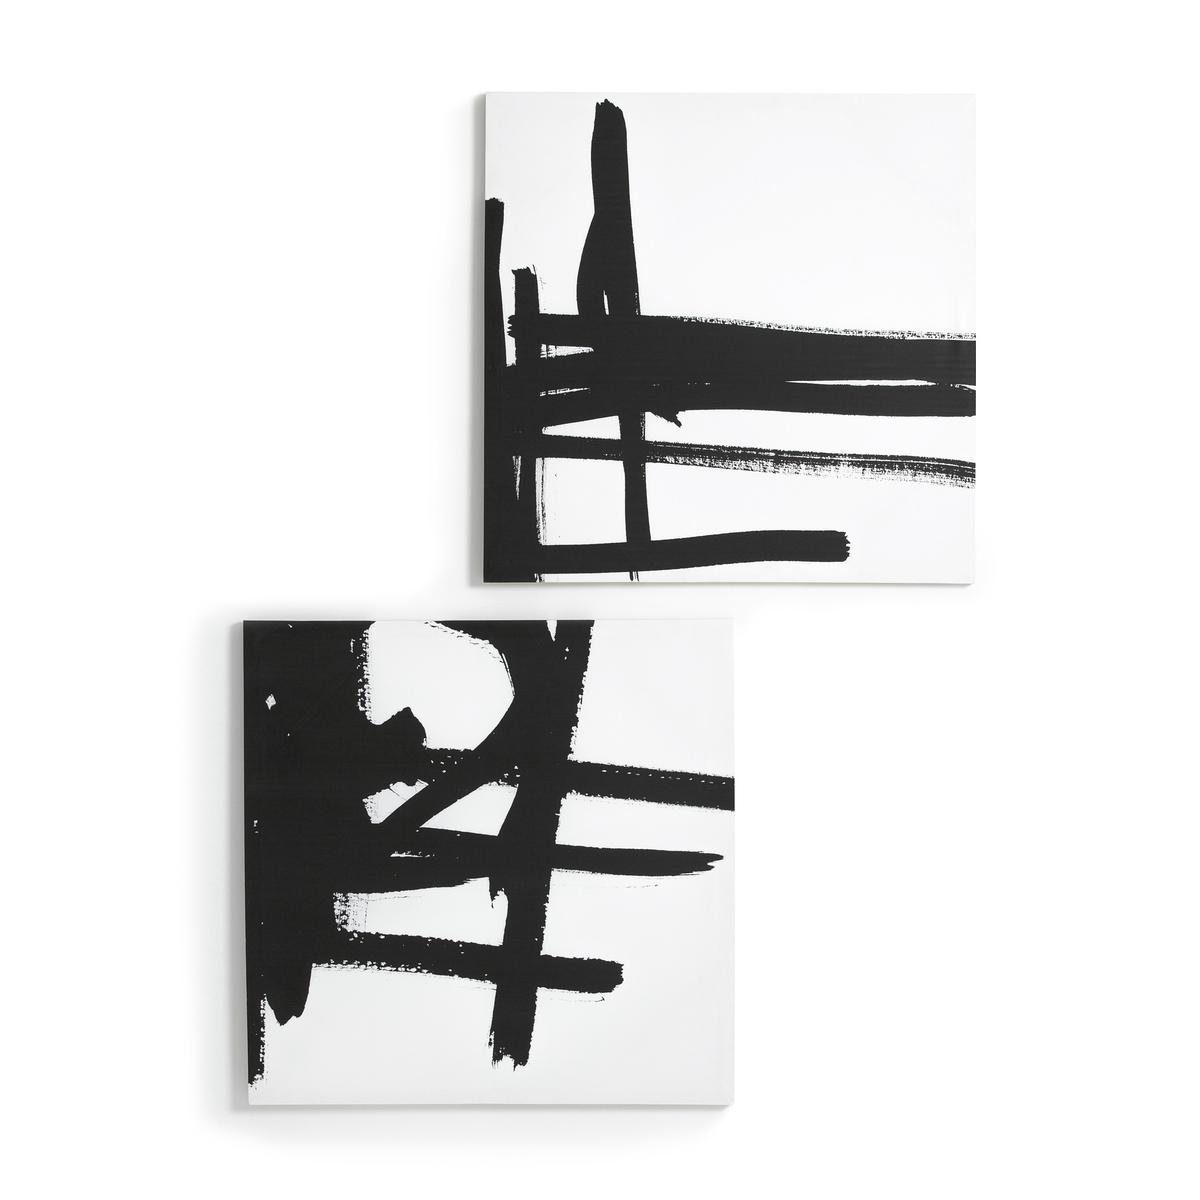 Рисунок на холсте 1, DystilaРисунок на канве Dystila. Абстрактный черно-белый рисунок сочетается с рисунком 2 Dystila, продающимся на нашем сайте. 2 крючка для крепления к стене (болты и дюбели в состав не входят). Размеры : Ш80 x В80 см.<br><br>Цвет: черный